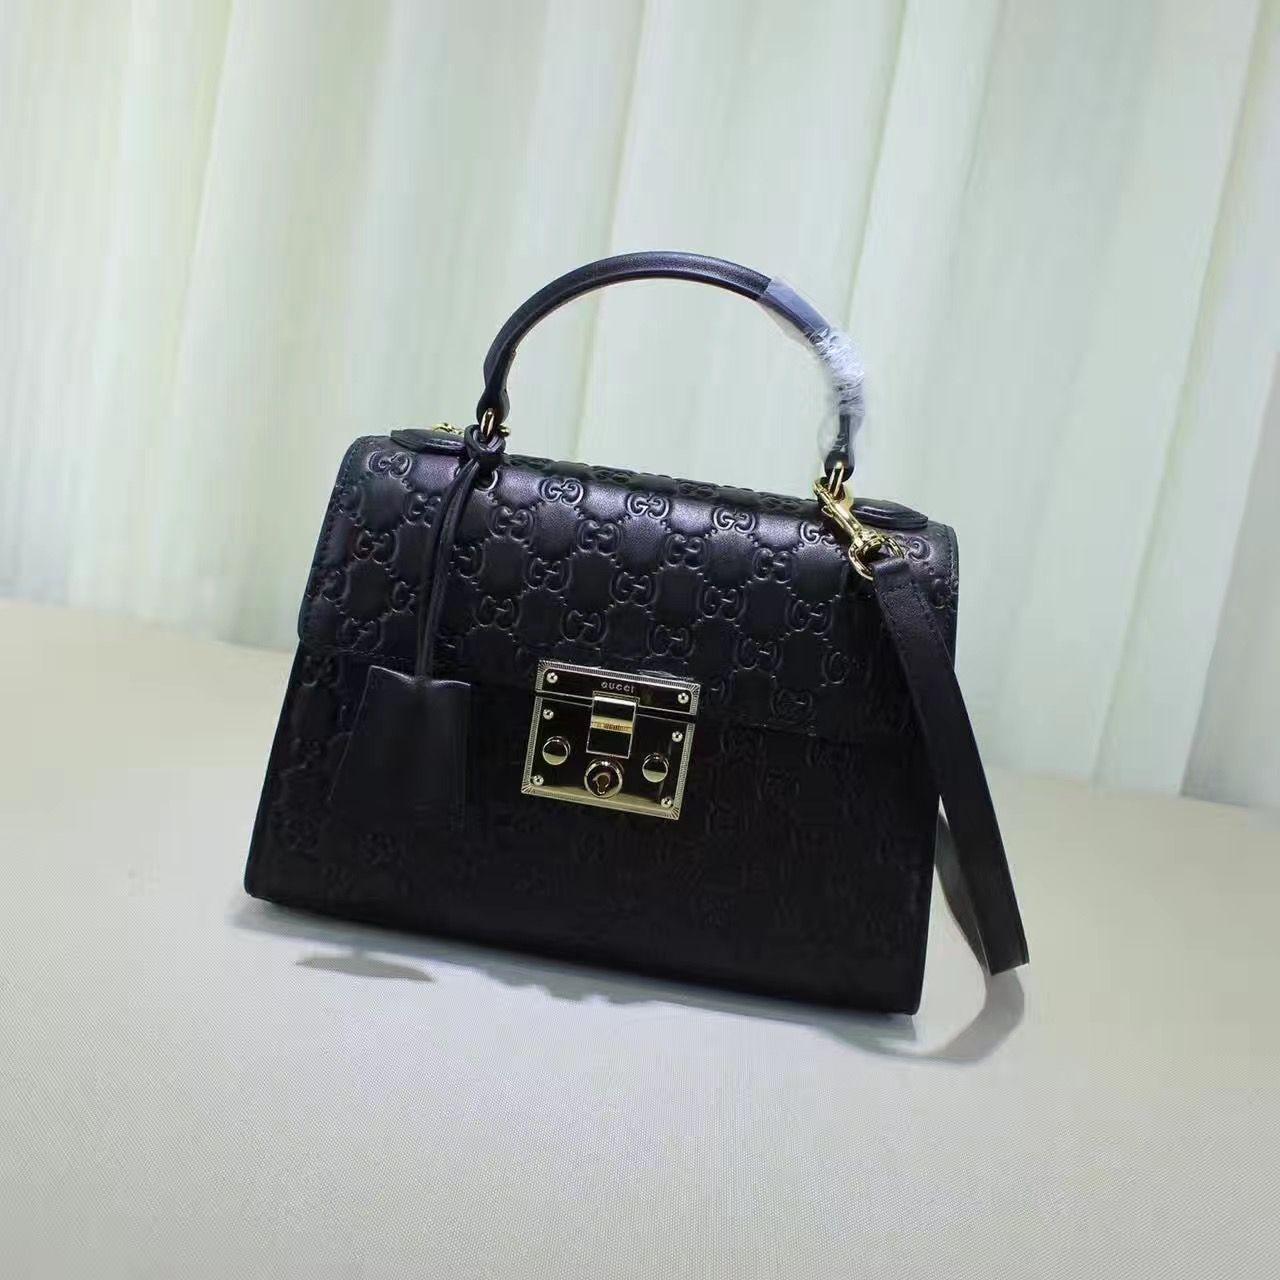 7a1cad5f9255fe Gucci Padlock Signature Top Handle Bag 100% Authentic | Real Gucci Wallets